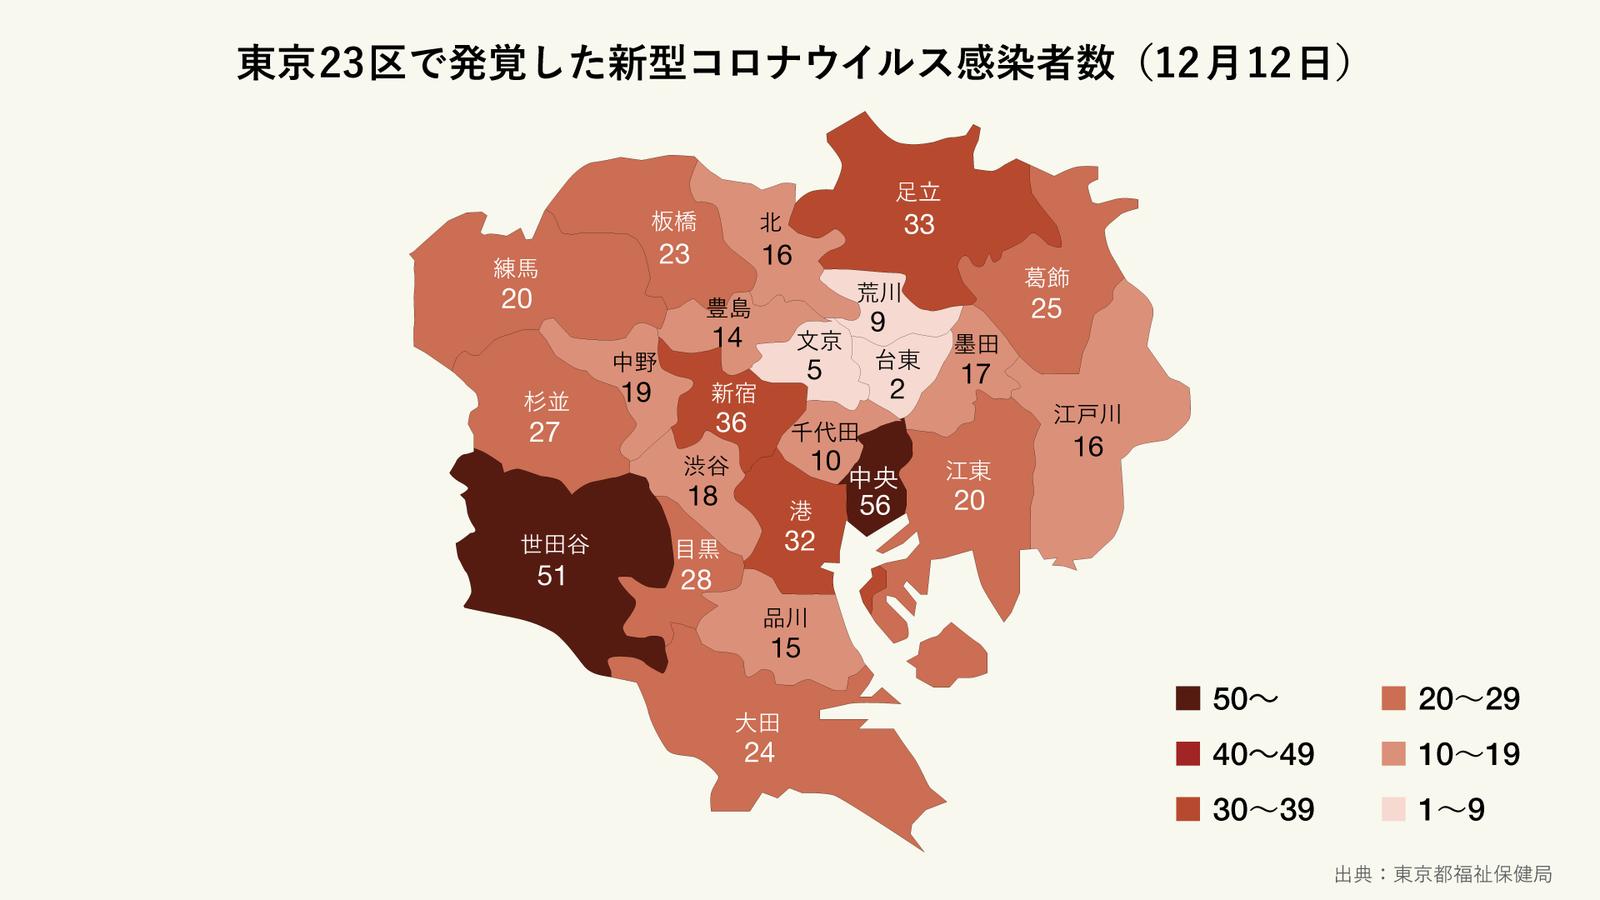 12月12日に発覚した東京23区の区ごとの新型コロナウイルス感染者数(マップ)